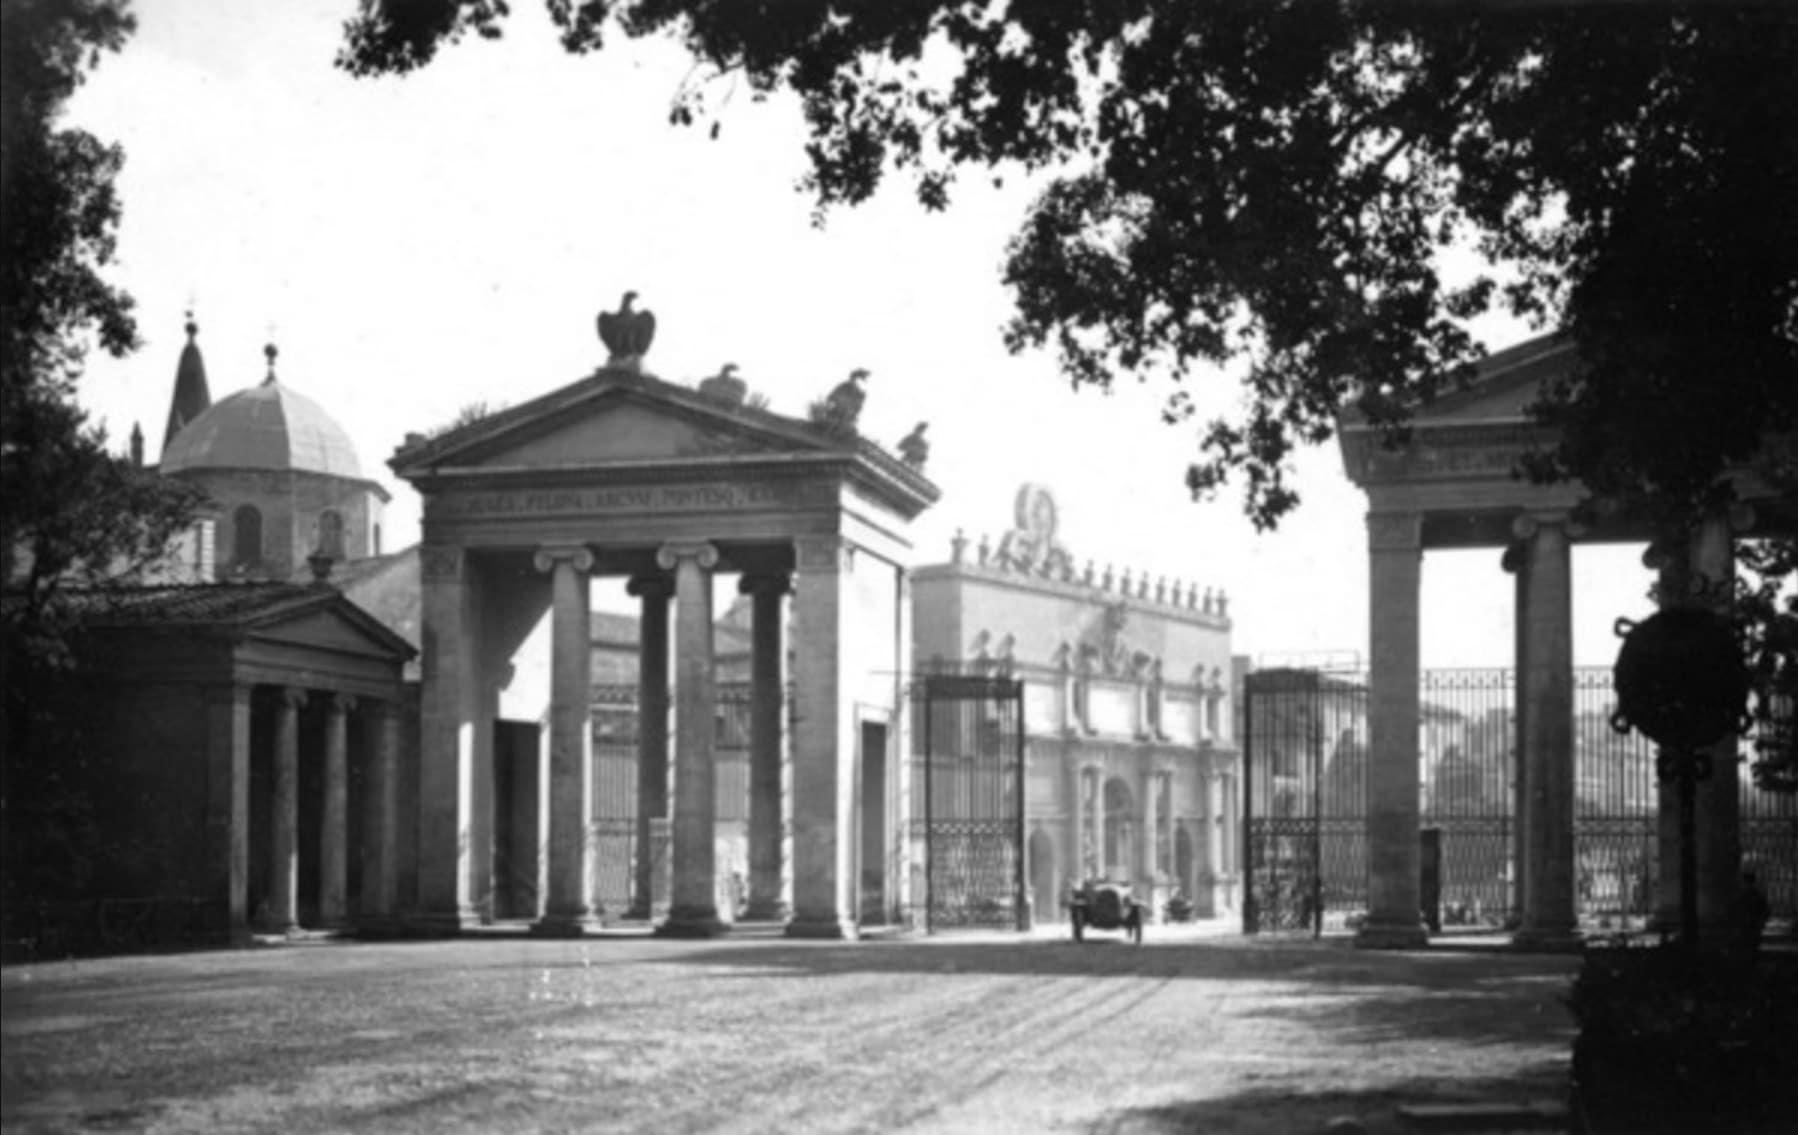 Villa Borghese - Piazzale Flaminio